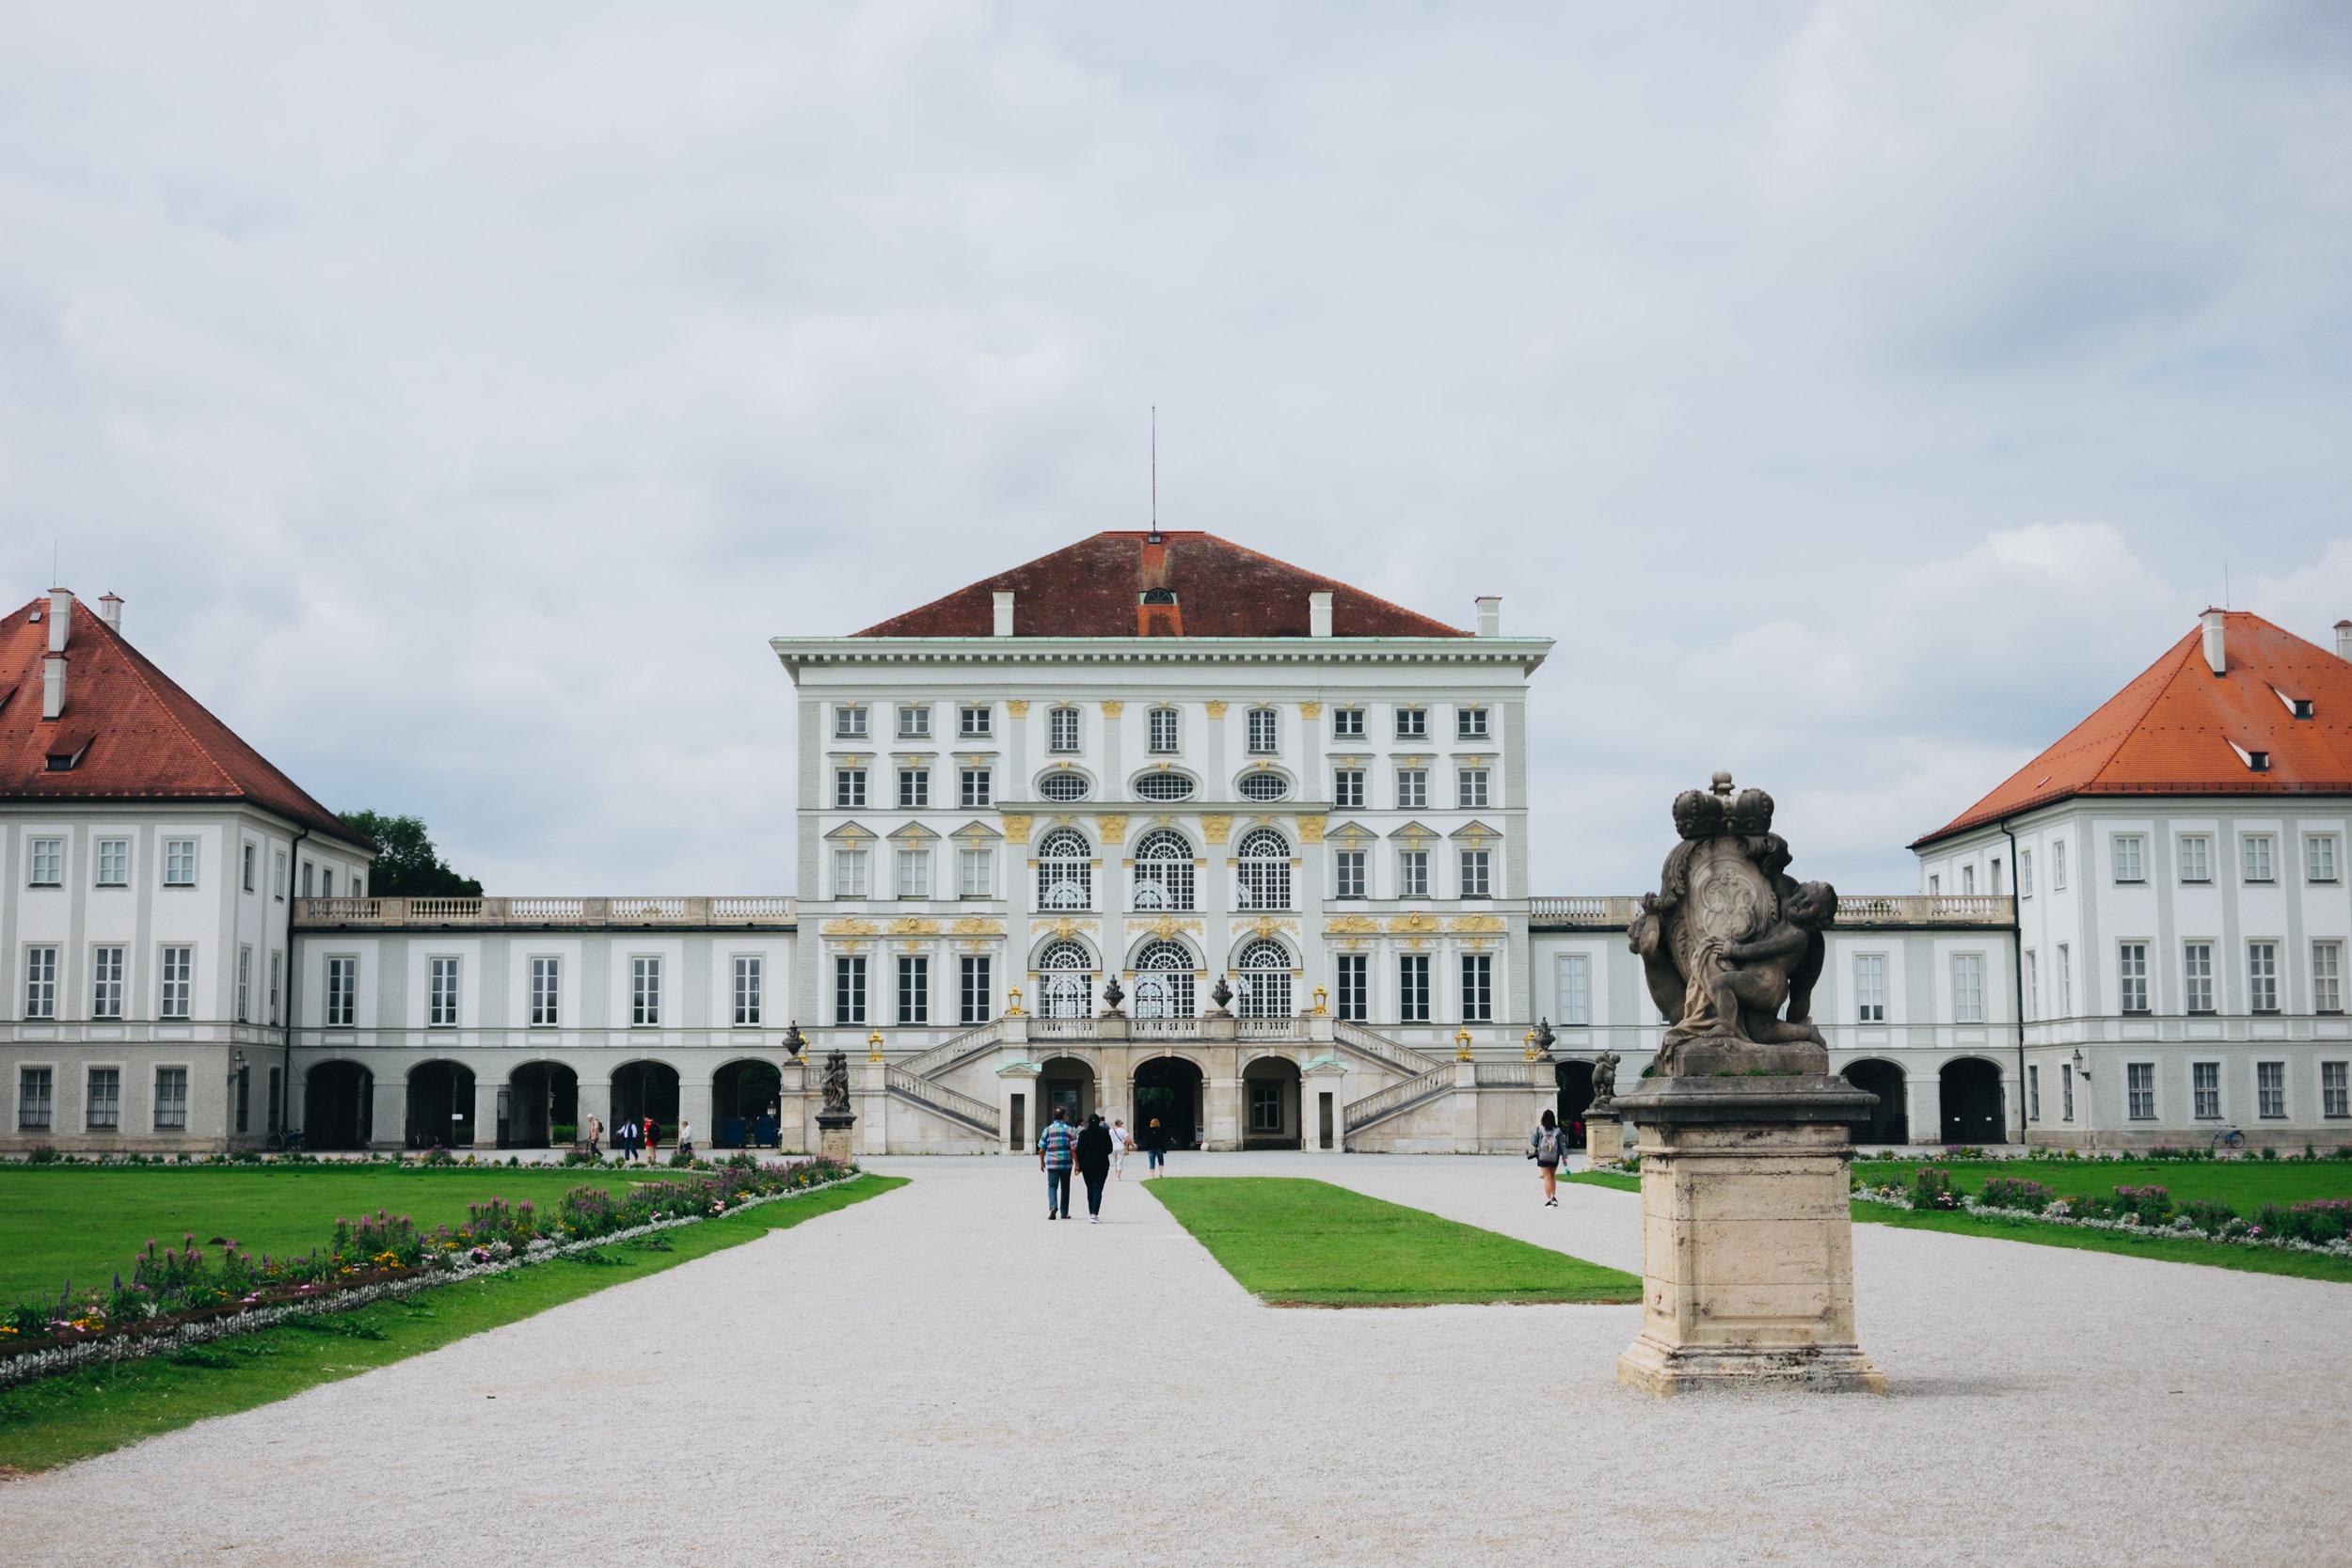 Nyphemburg Schloß palace munich münchen